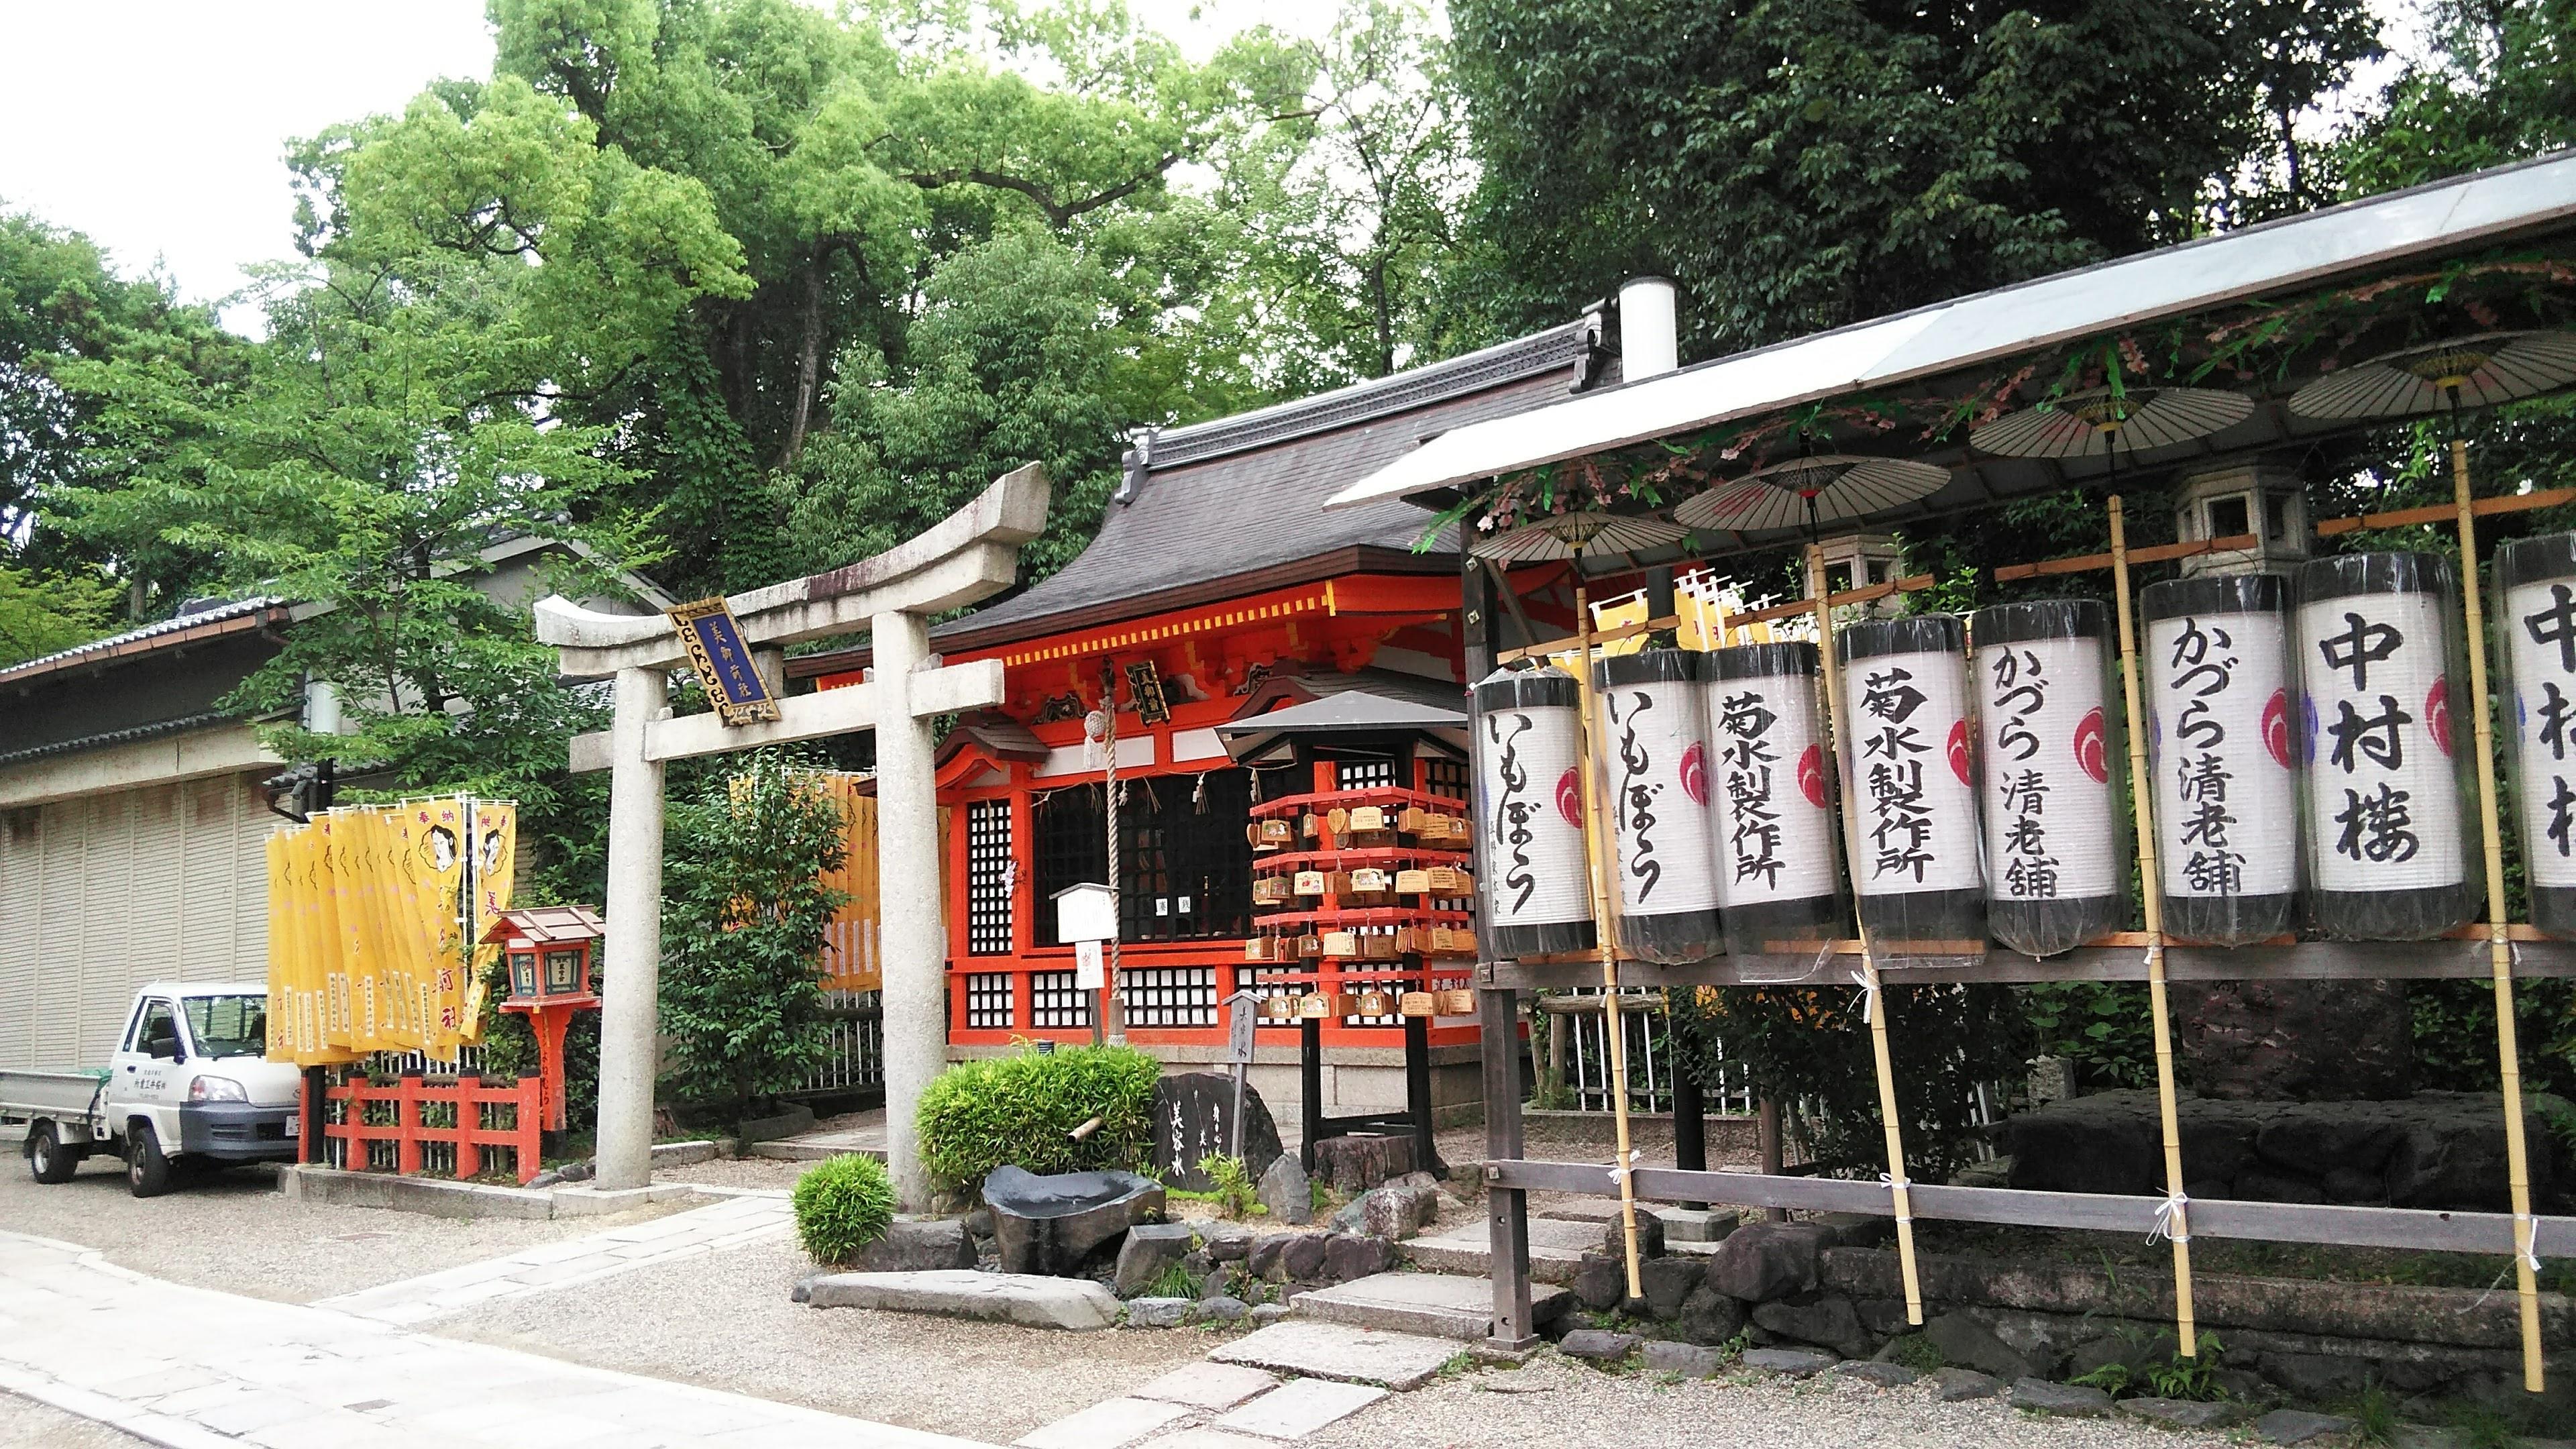 八坂神社(祇園さん)の末社